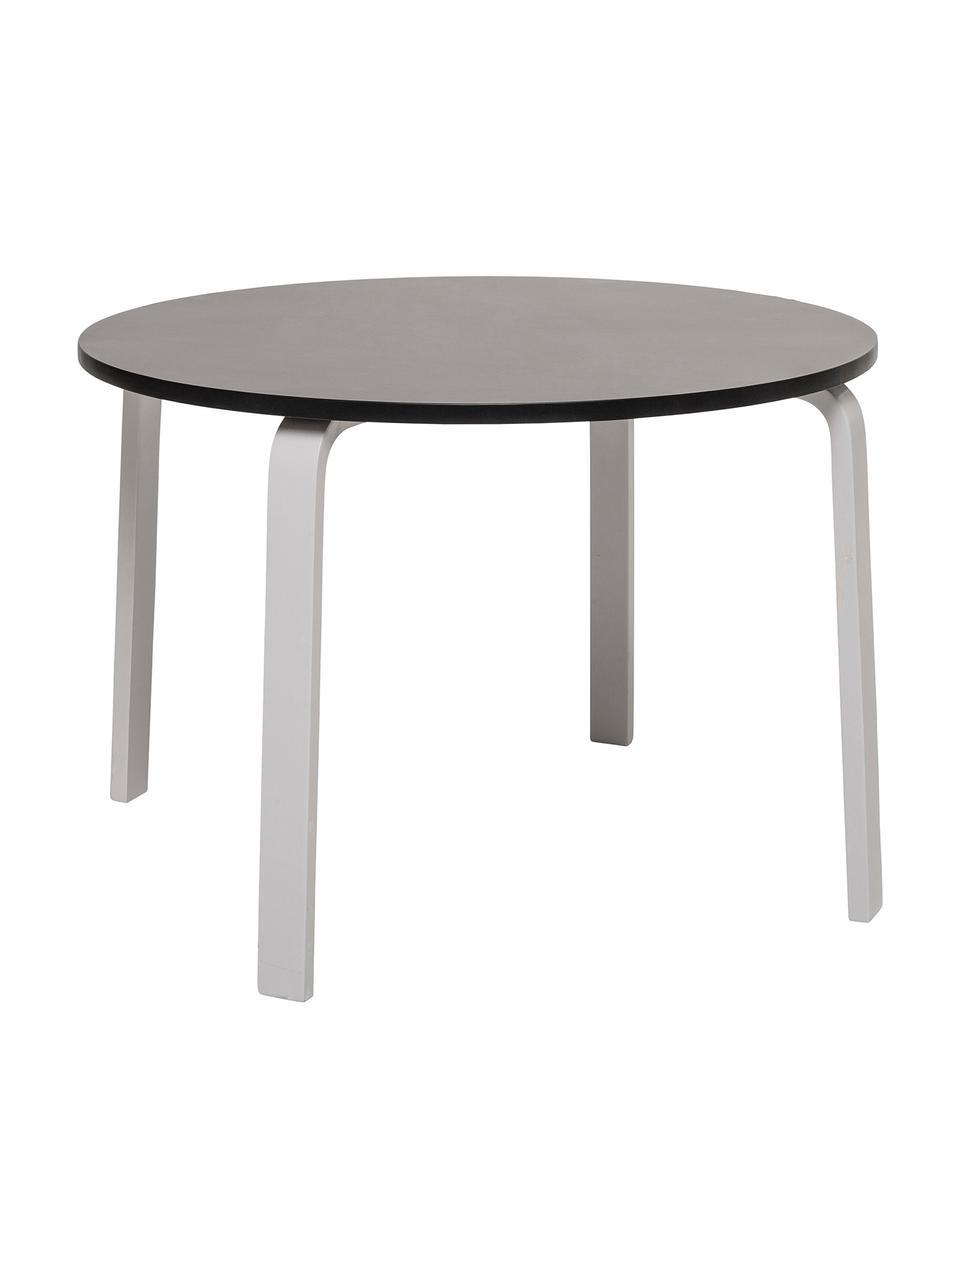 Tisch Simply, Mitteldichte Holzfaserplatte (MDF), lackiert, Schwarz, Weiß, Ø 65 x H 45 cm